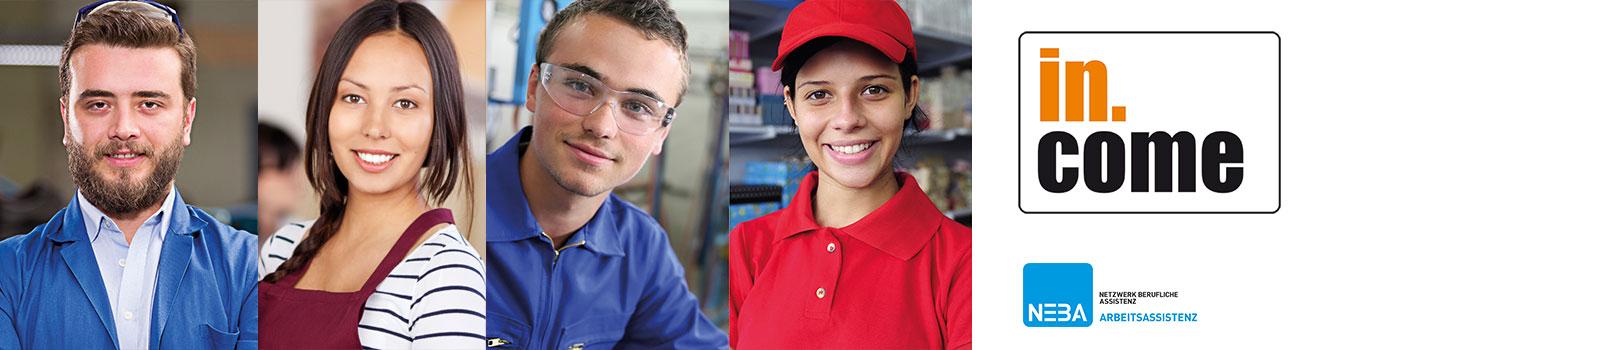 Jugendarbeitsassistenz